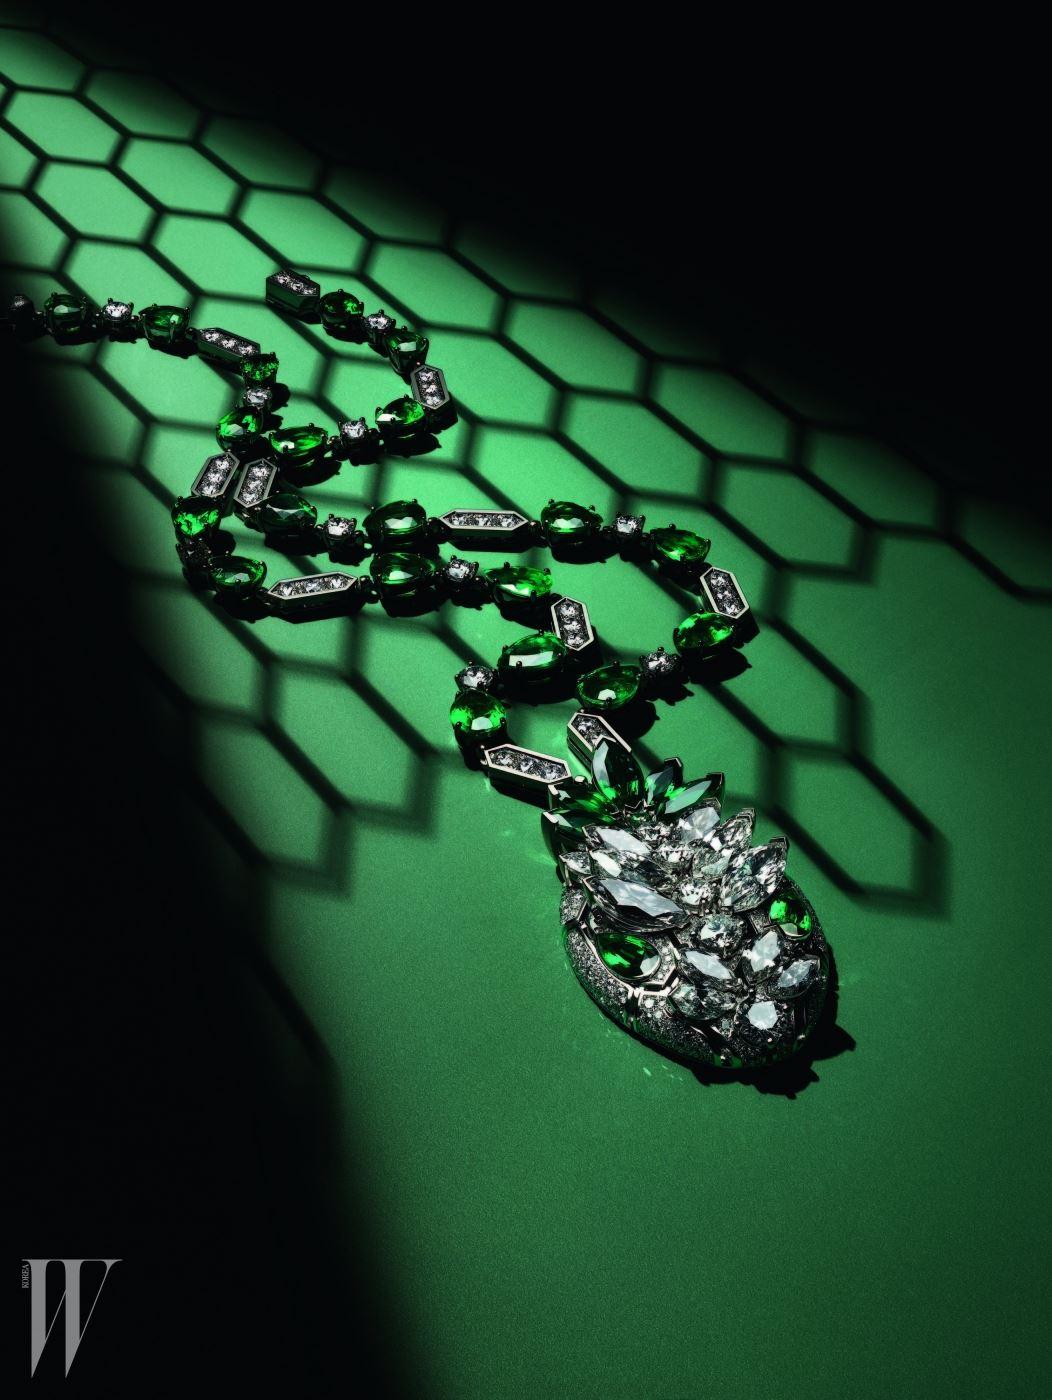 화이트 골드 소재에 파베 다이아몬드가 풀 세팅된 뱀 머리 형상의 뉴 세르펜티 펜던트 목걸이